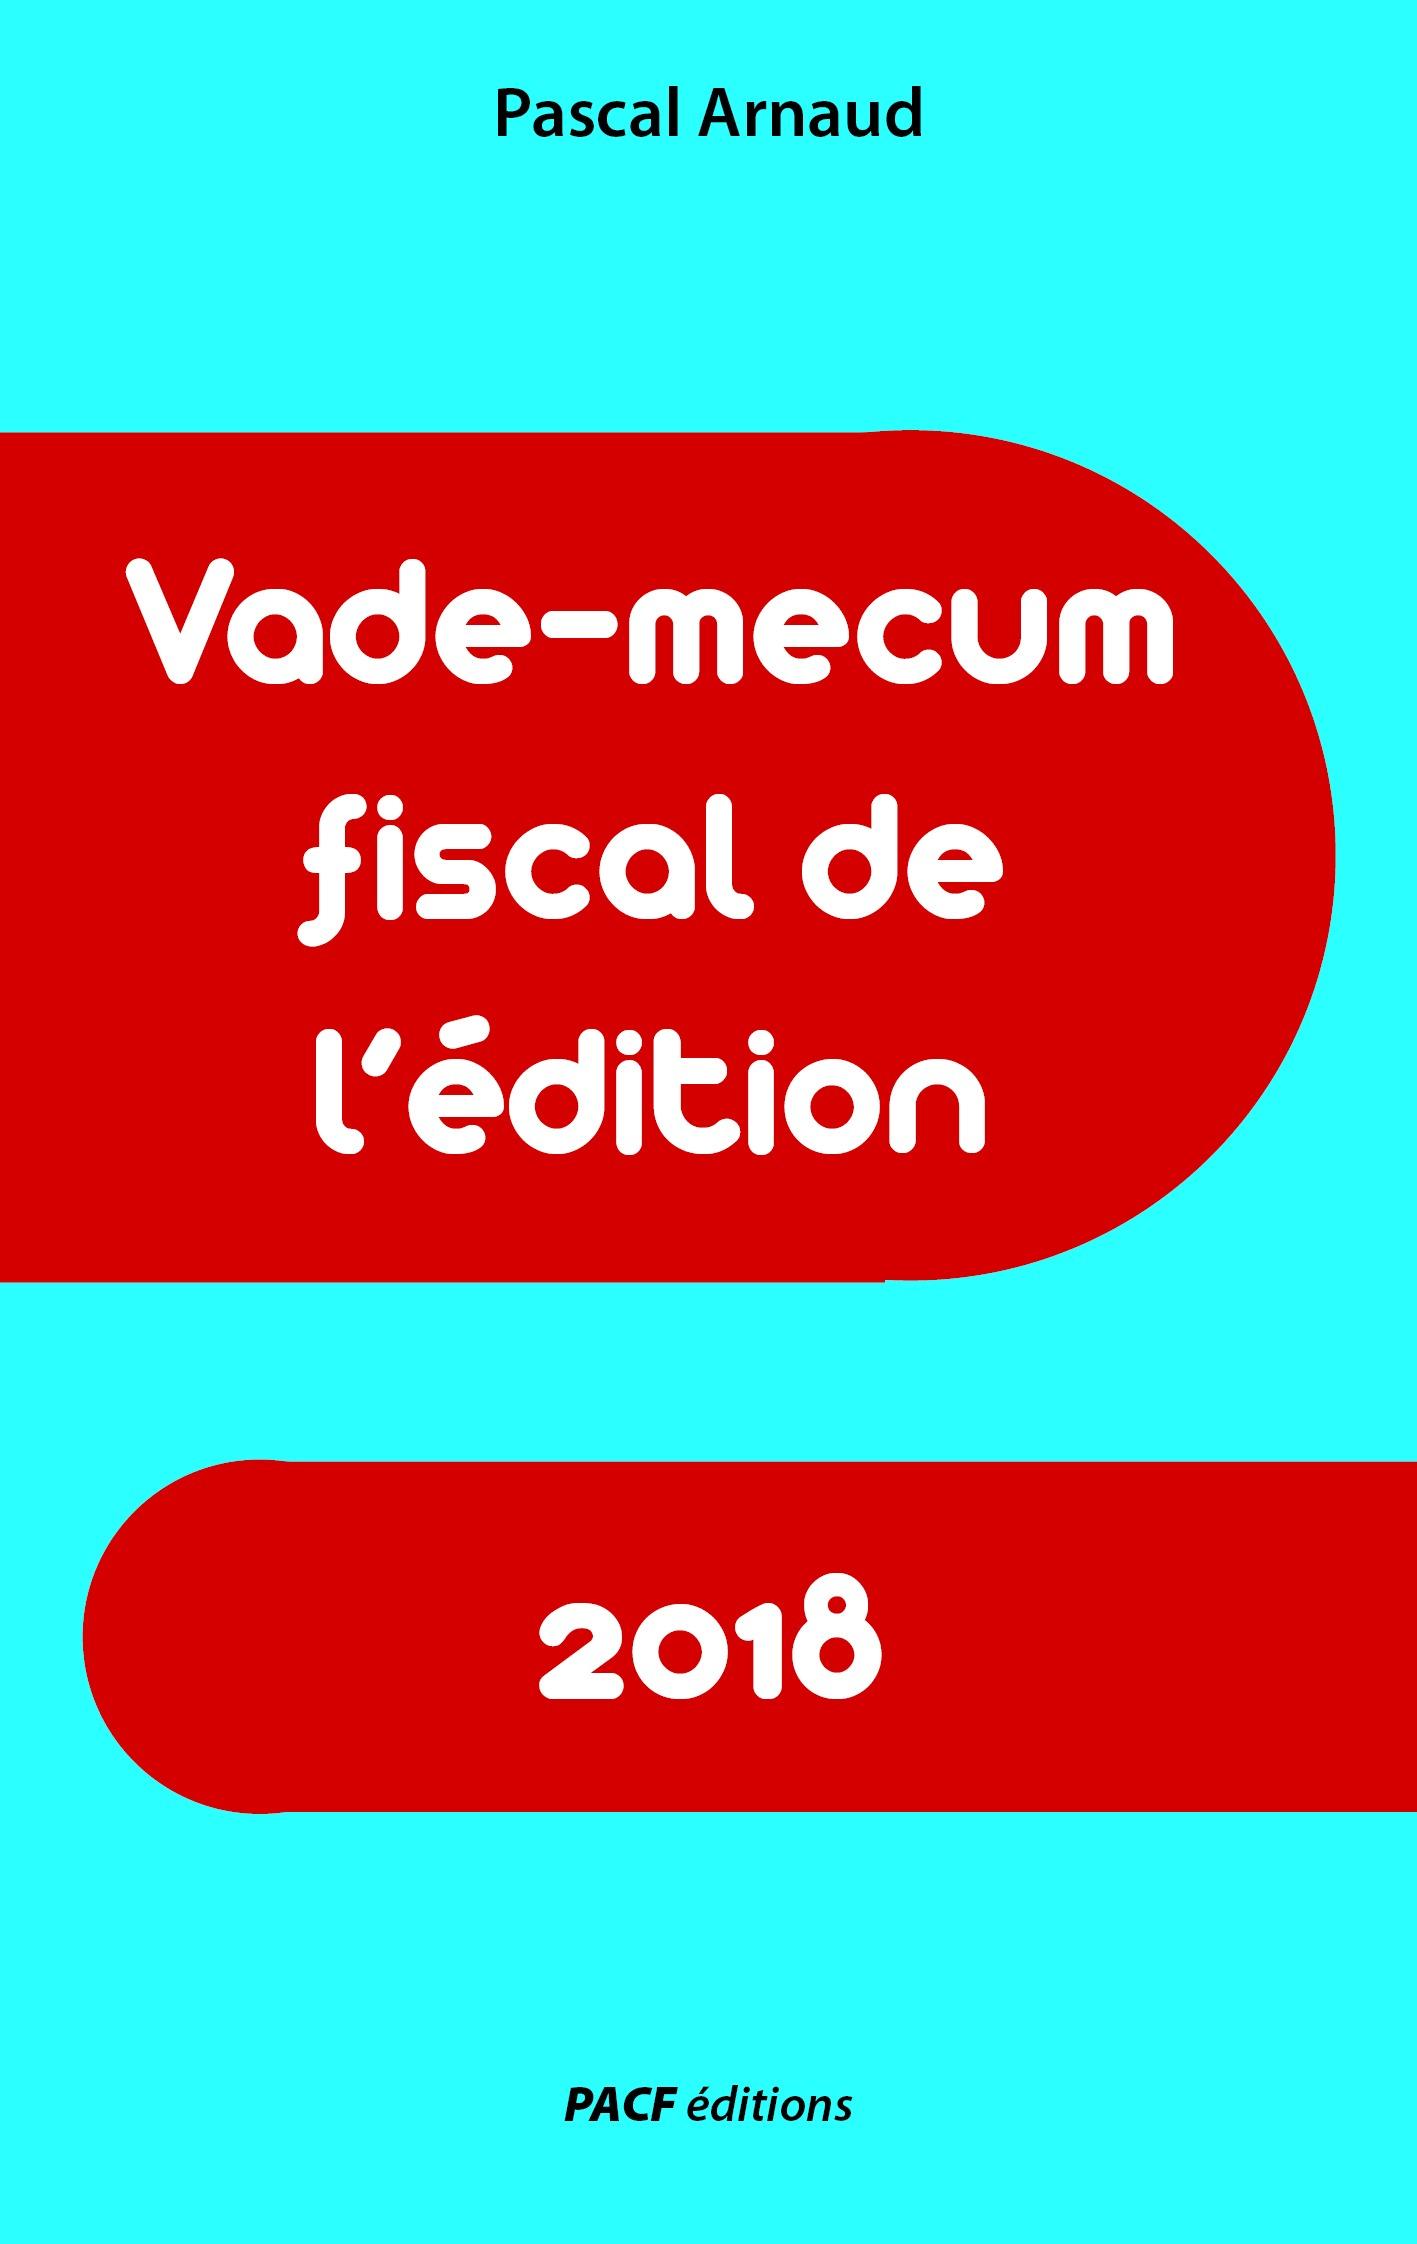 Vade-mecum fiscal de l'édition 2018